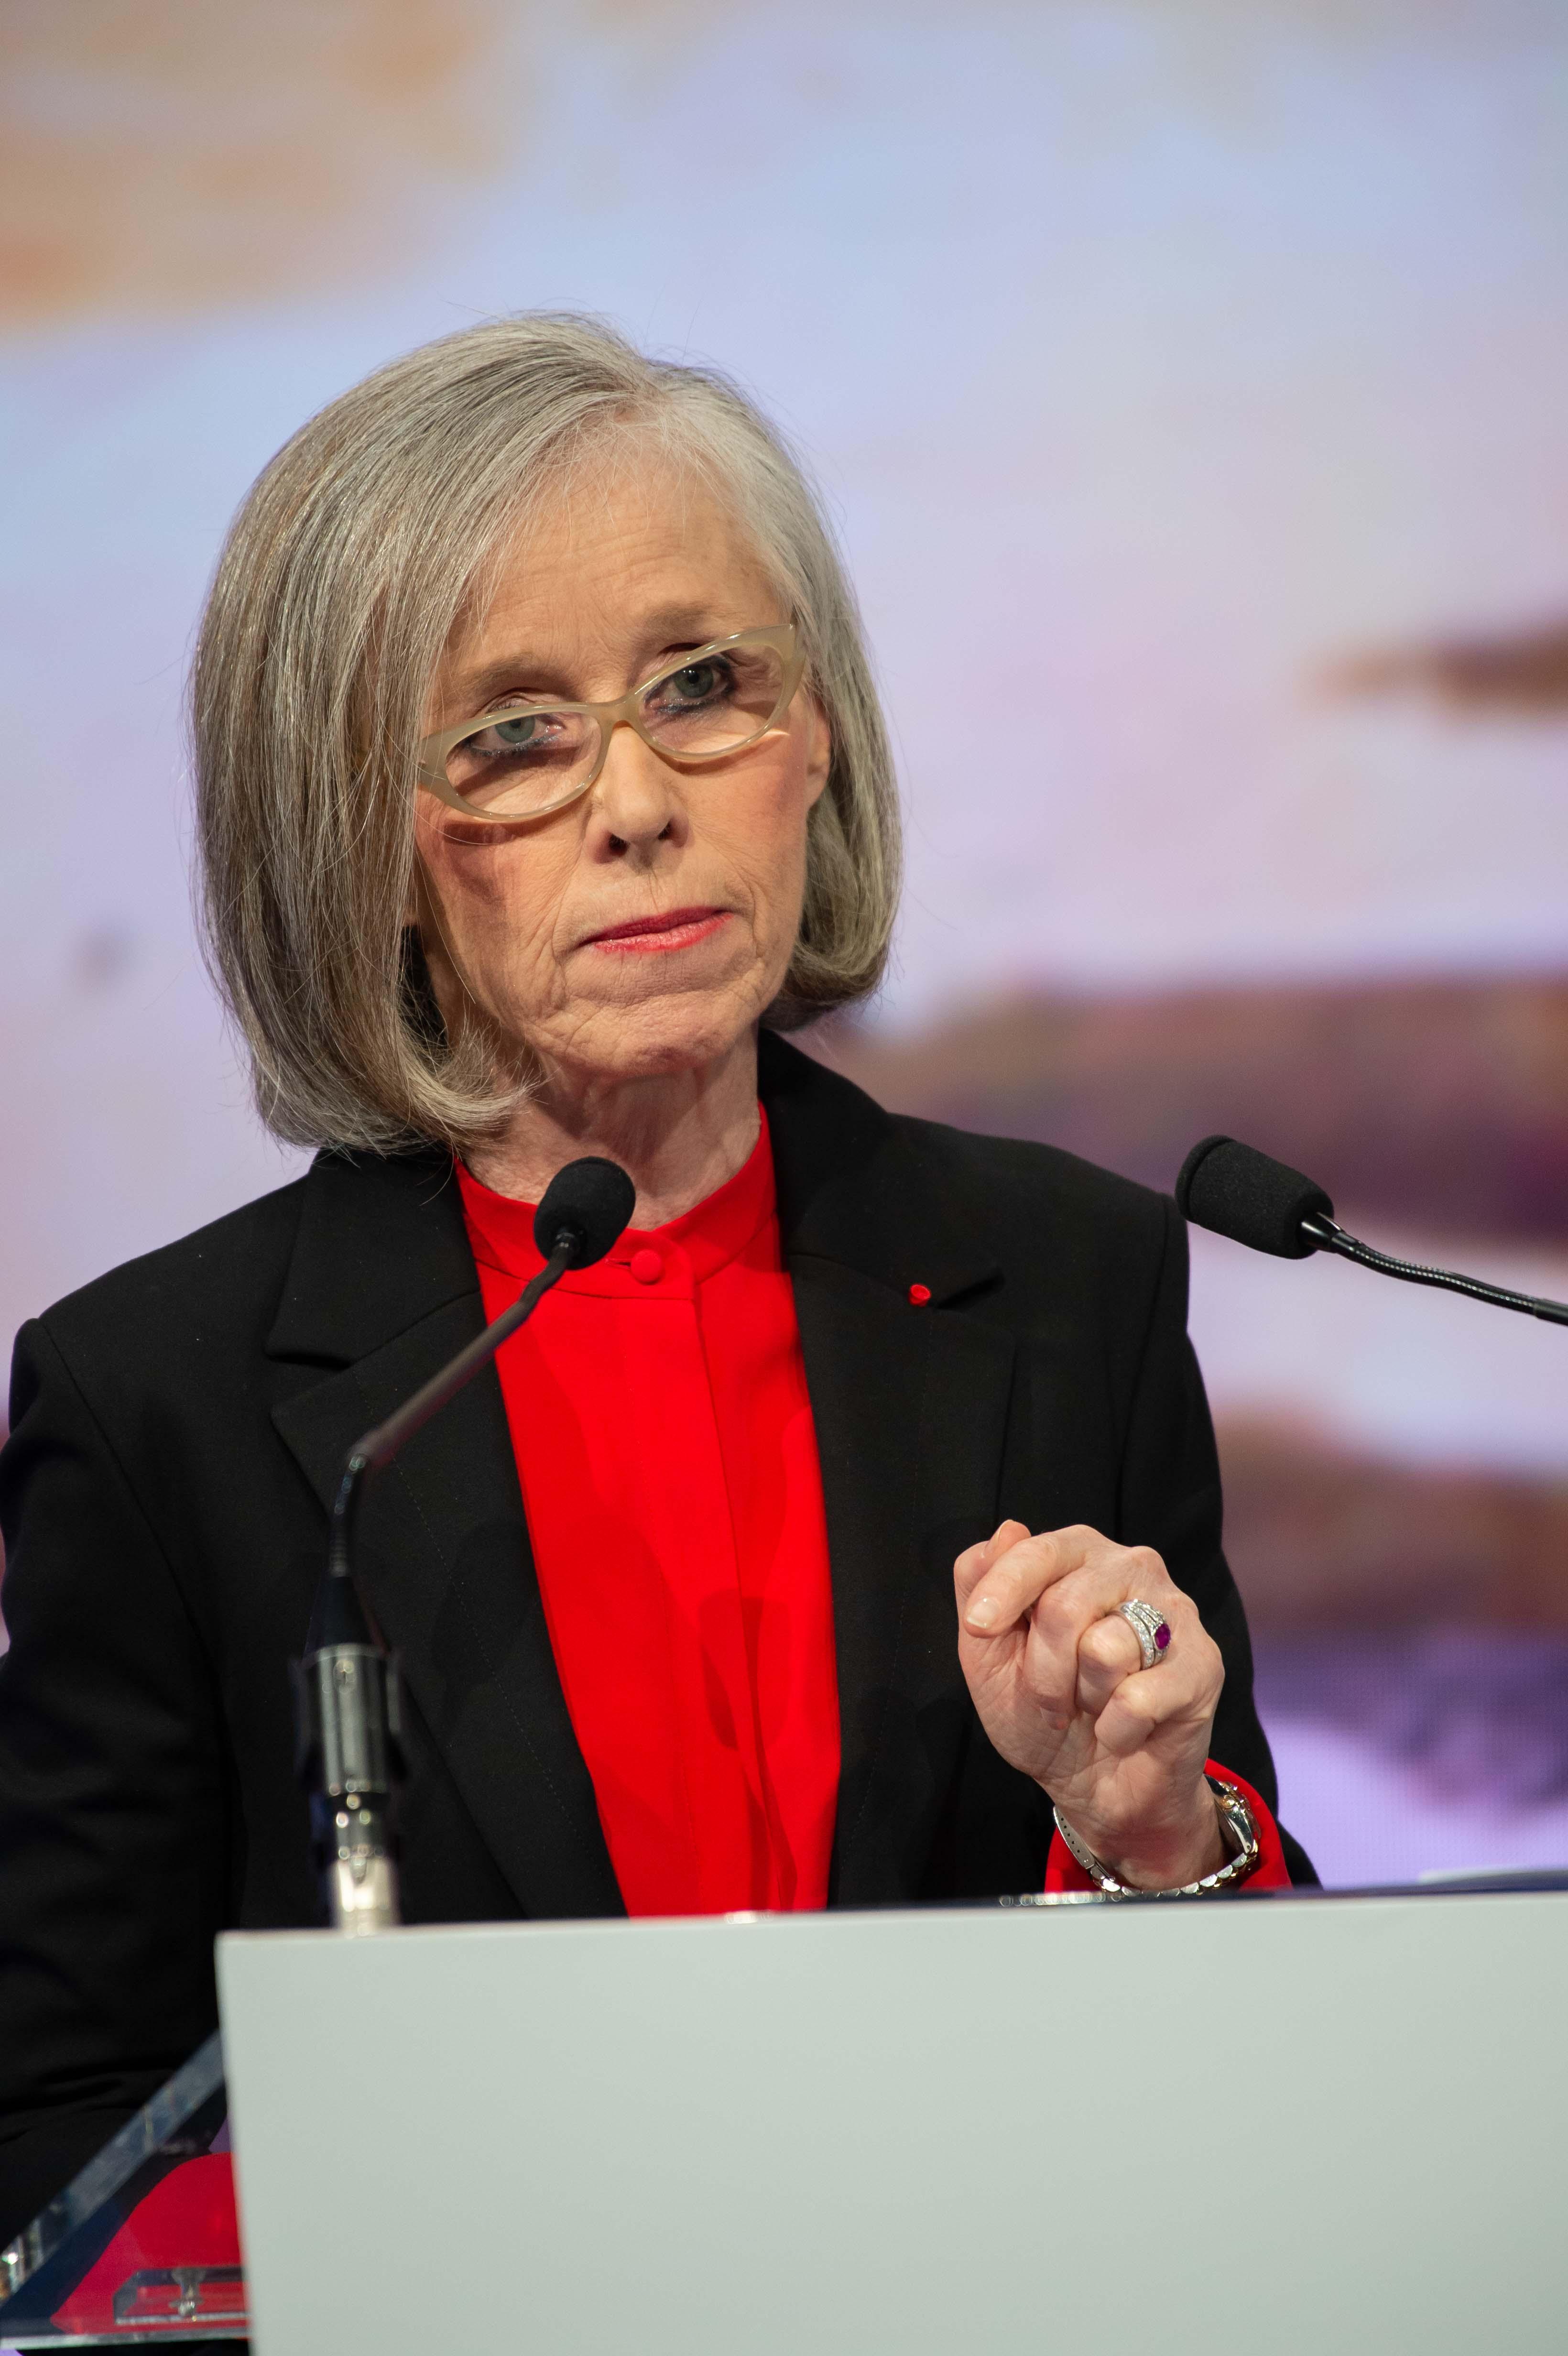 Brigitte Bouquot, président de l'AMRAE, l'association pour le management des risque et des assurances aux 2èe rencontres du risk management de Deauville (crédits AMRAE/artephoto)